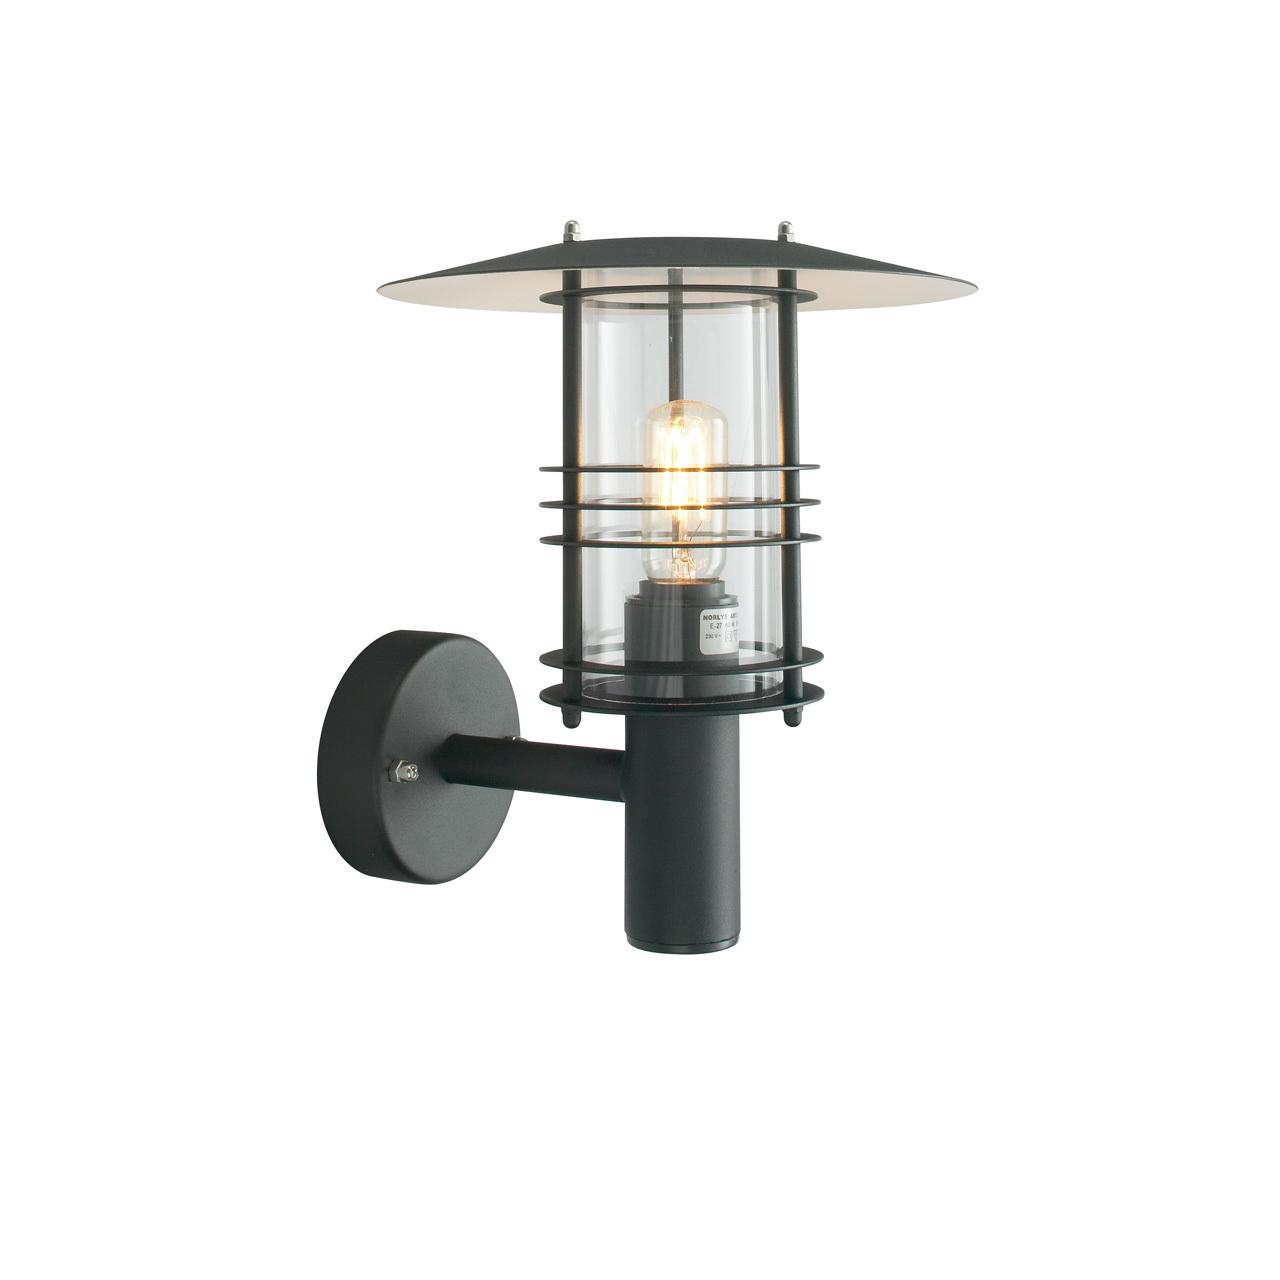 Lampa ścienna STOCKHOLM 280B -Norlys  SPRAWDŹ RABATY  5-10-15-20 % w koszyku